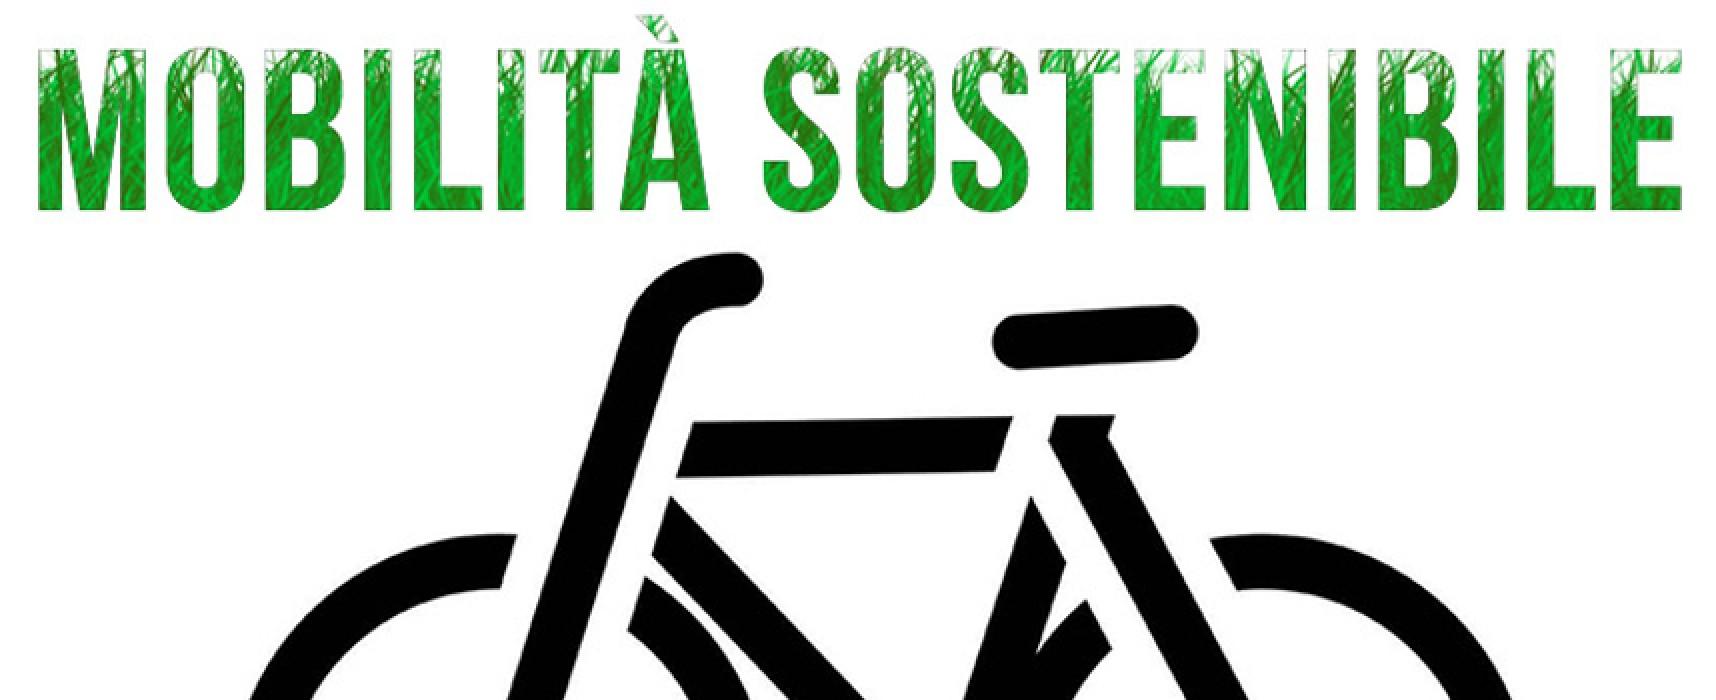 Consulta mobilità sostenibile, ecco le prime proposte